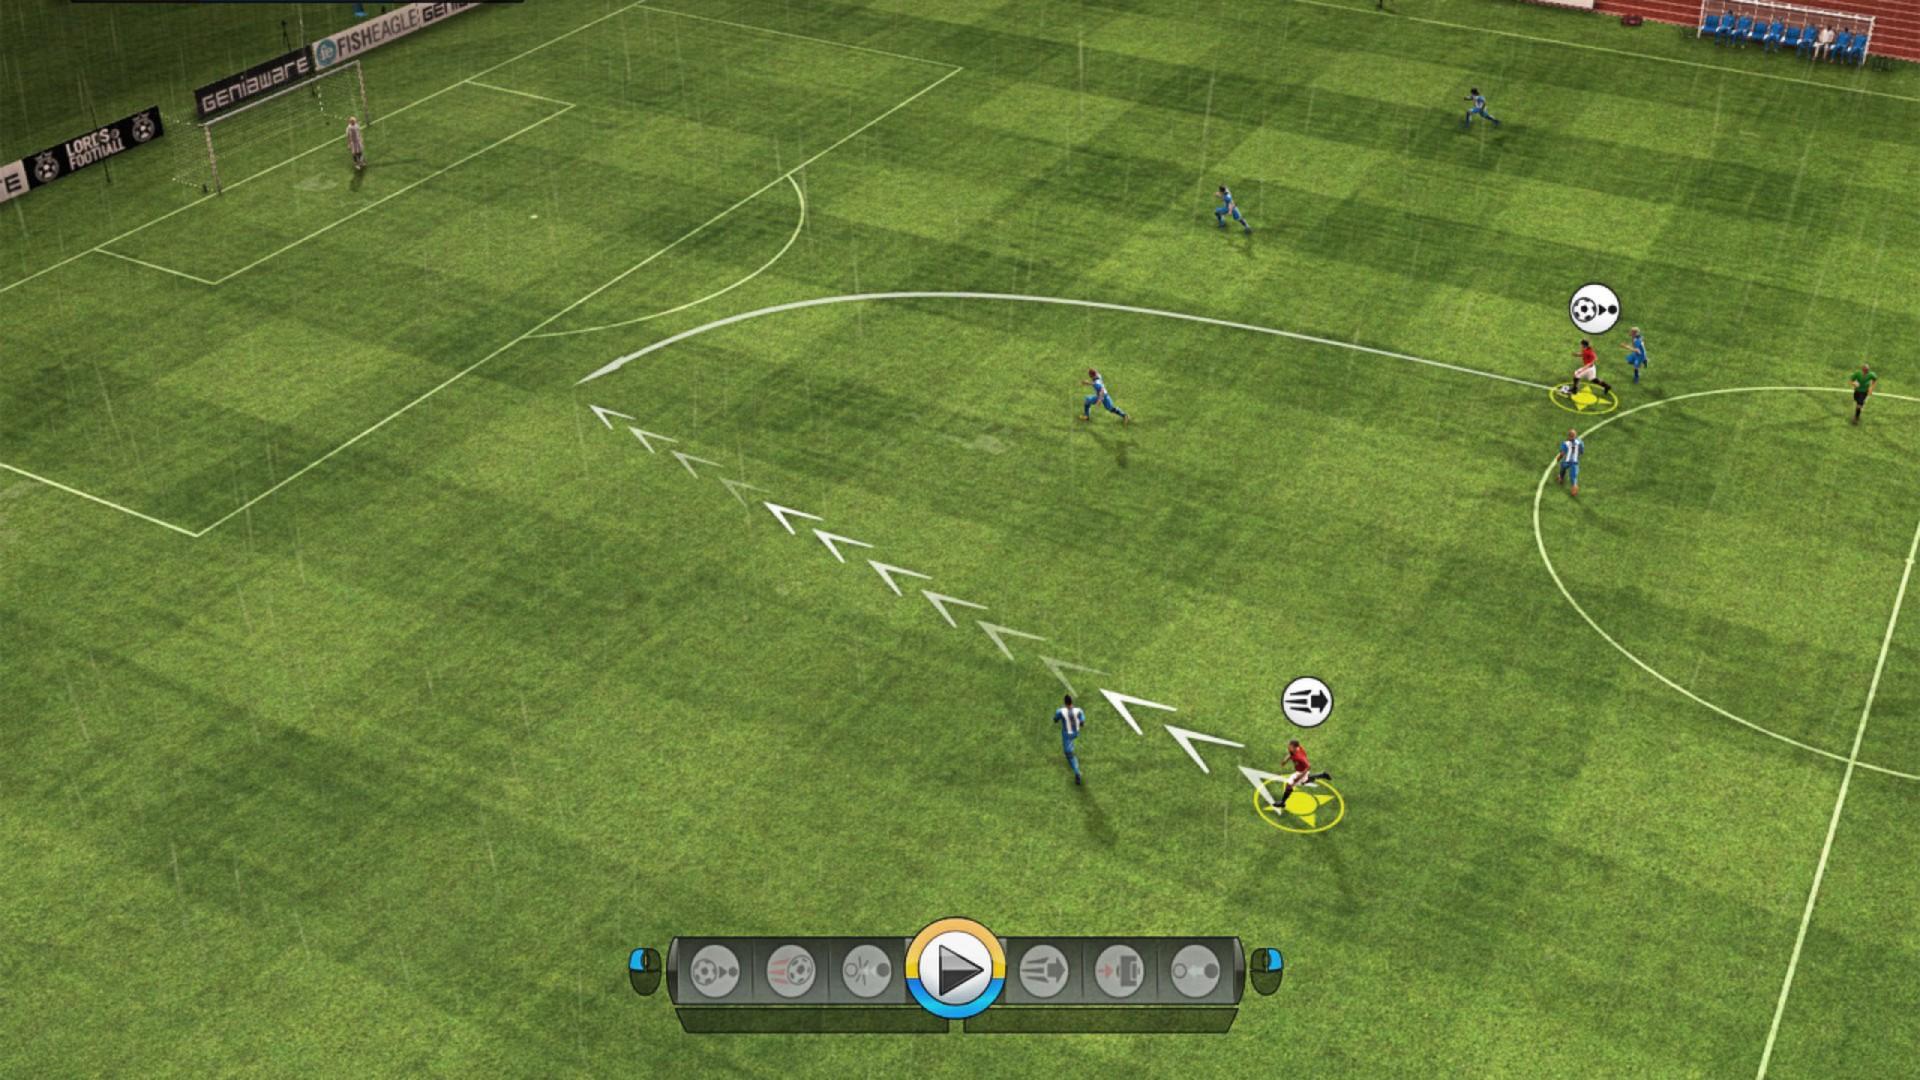 com.steam.230650-screenshot